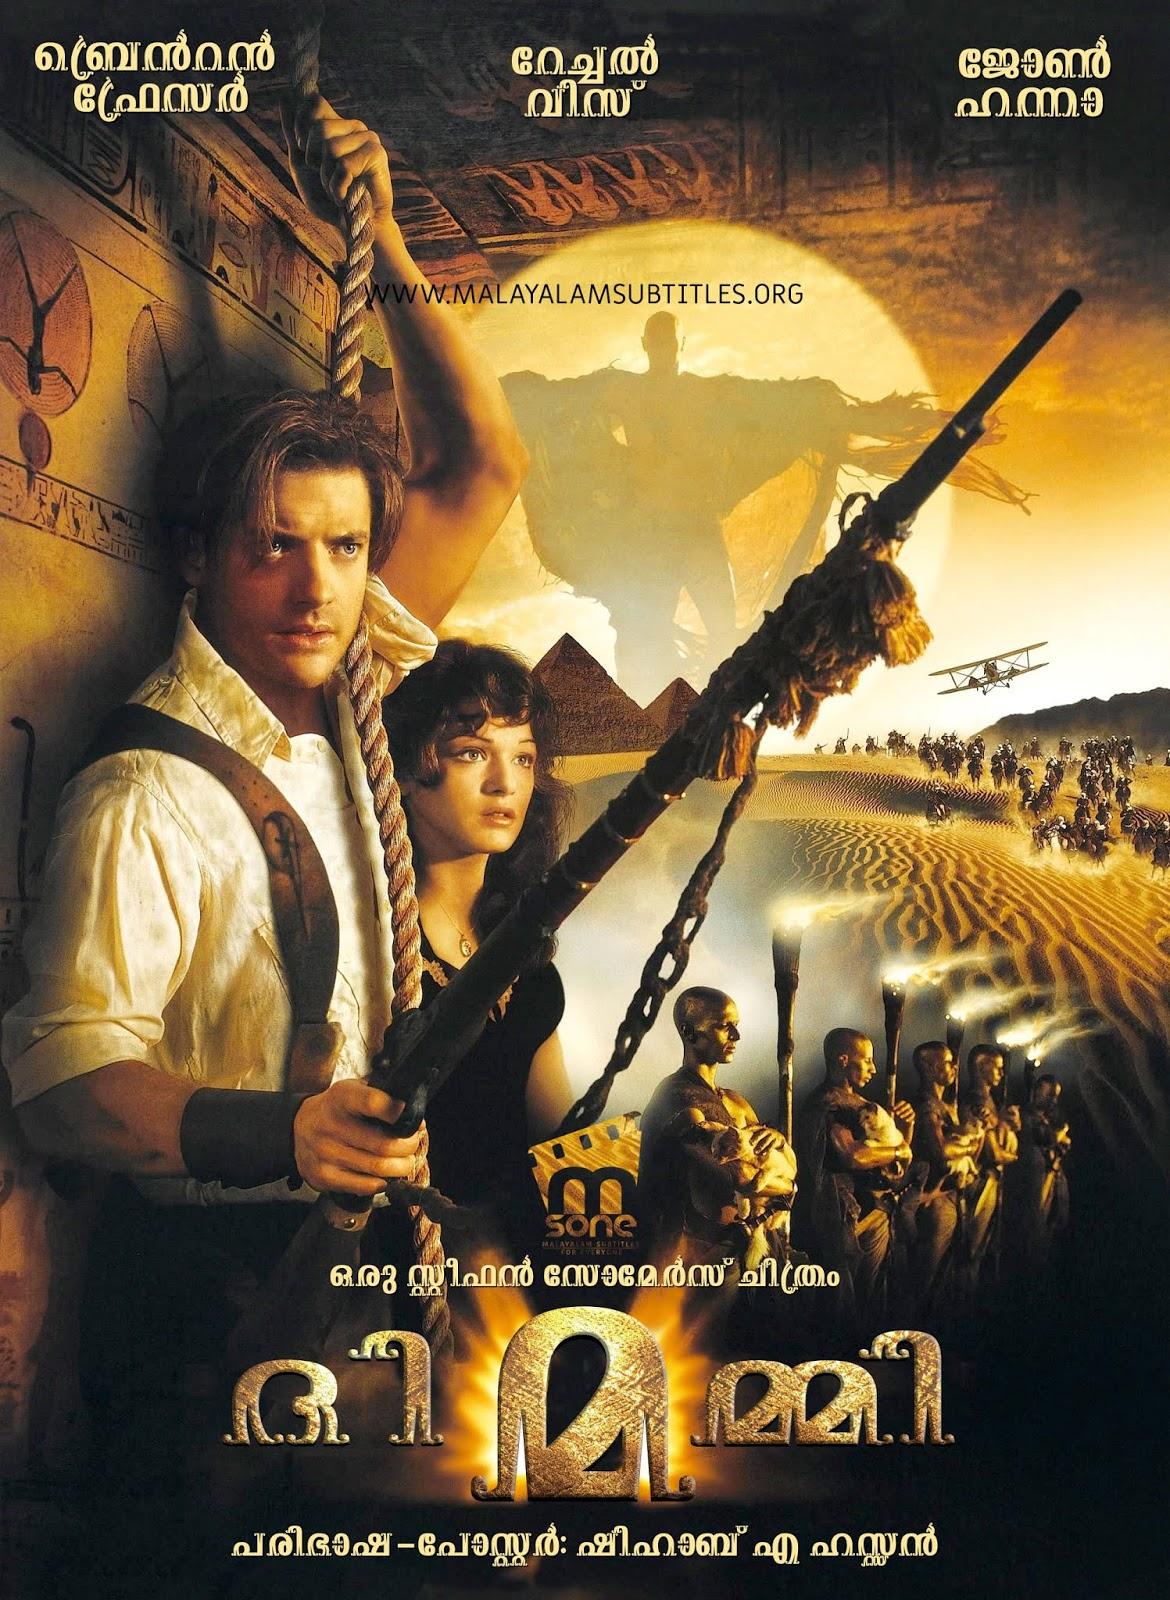 geetha govindam film malayalam subtitles download